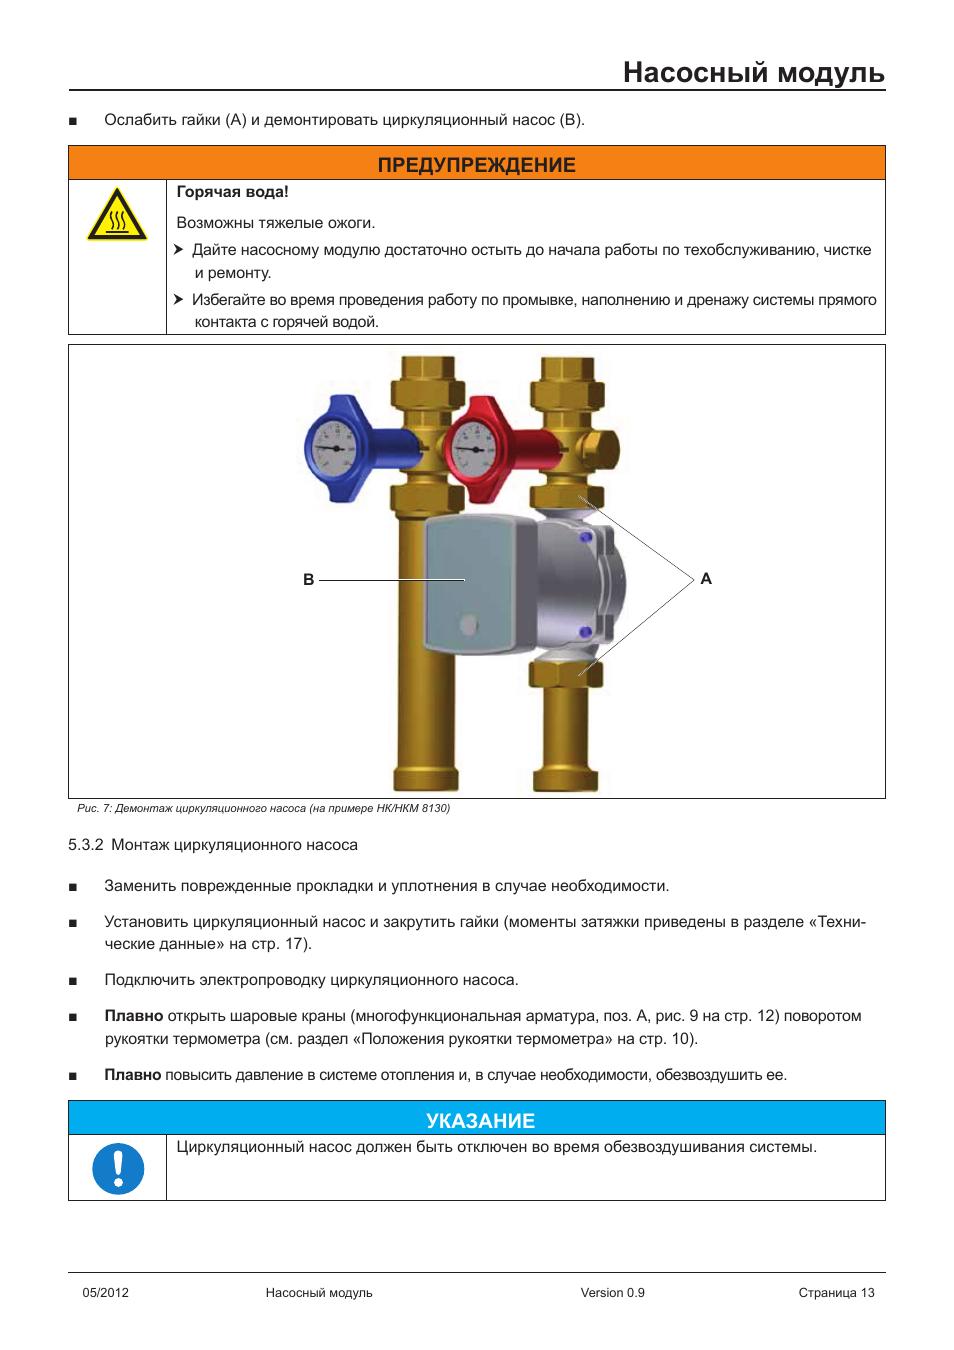 Схемы установки циркуляционного насоса в отопительной системе